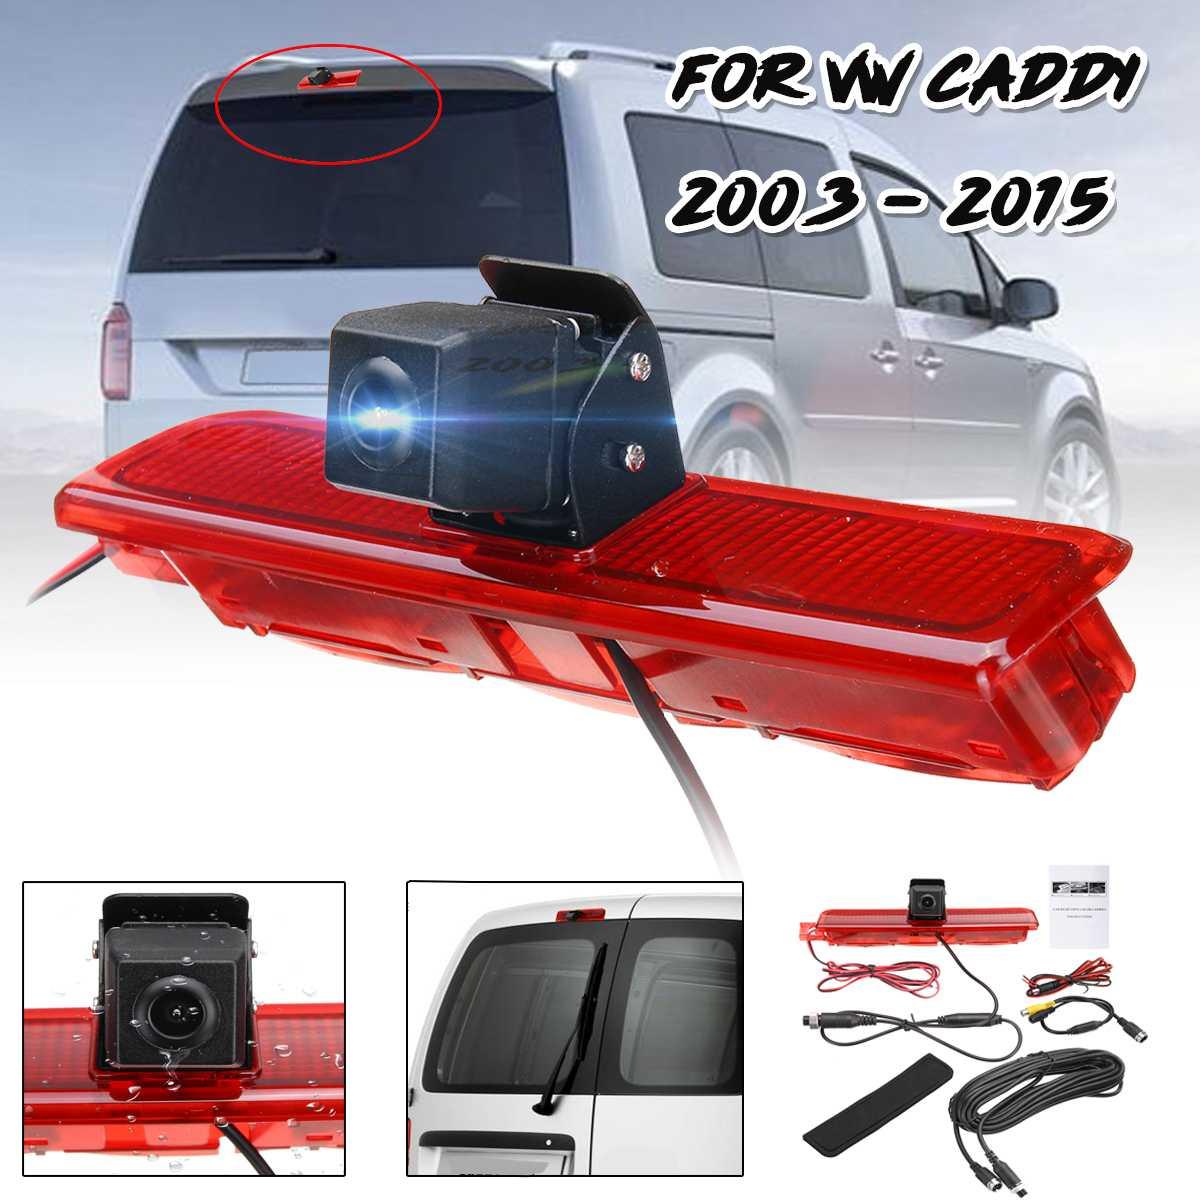 Feu de frein de secours caméra de recul arrière CMOS pour Volkswagen/VW Caddy Van 2003-2015 caméra de recul de vue arrière de voiture